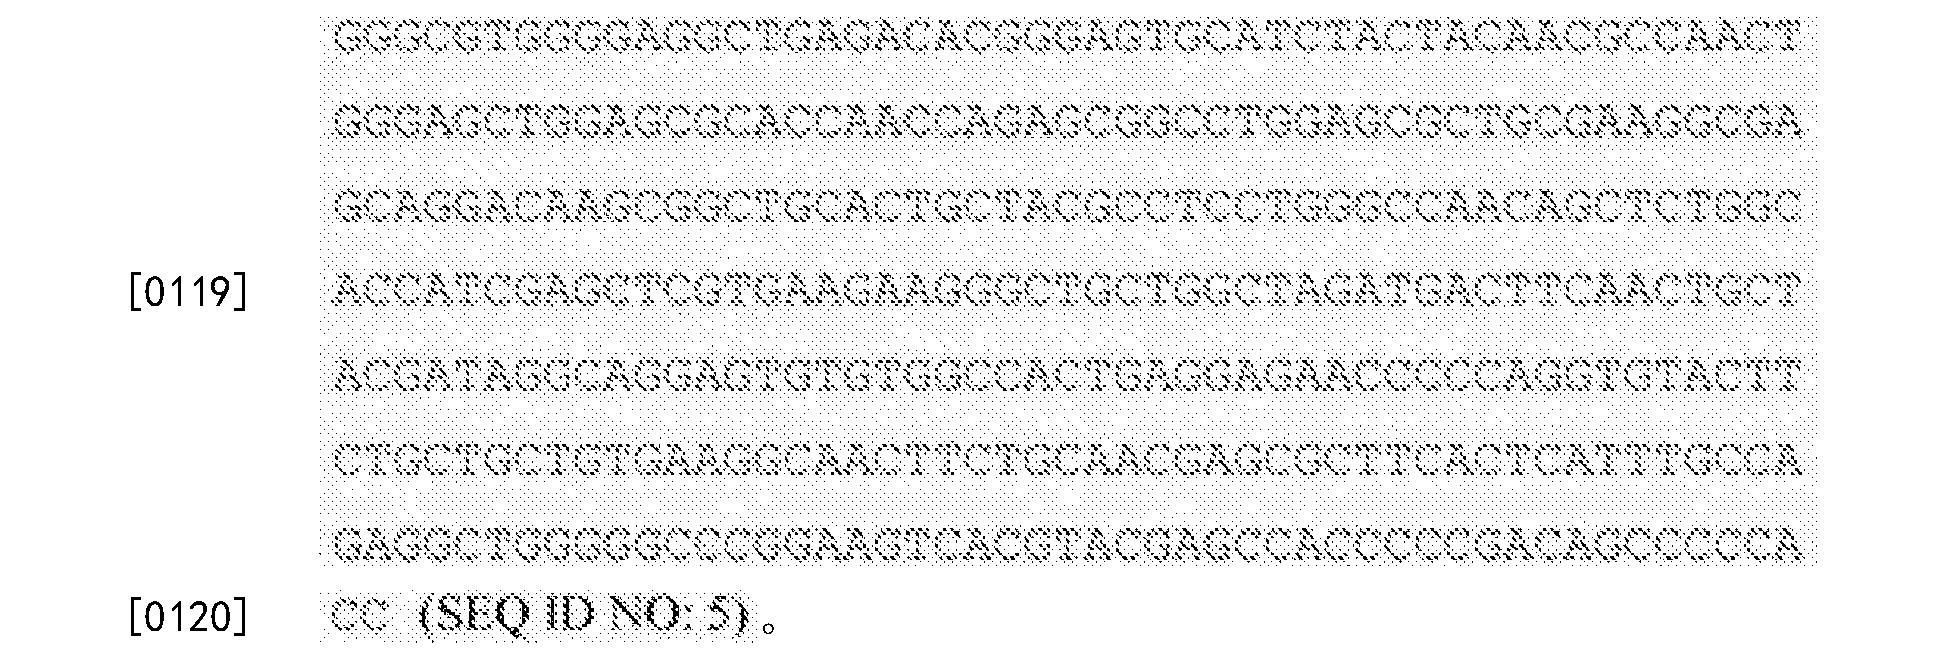 Figure CN103987403BD00221